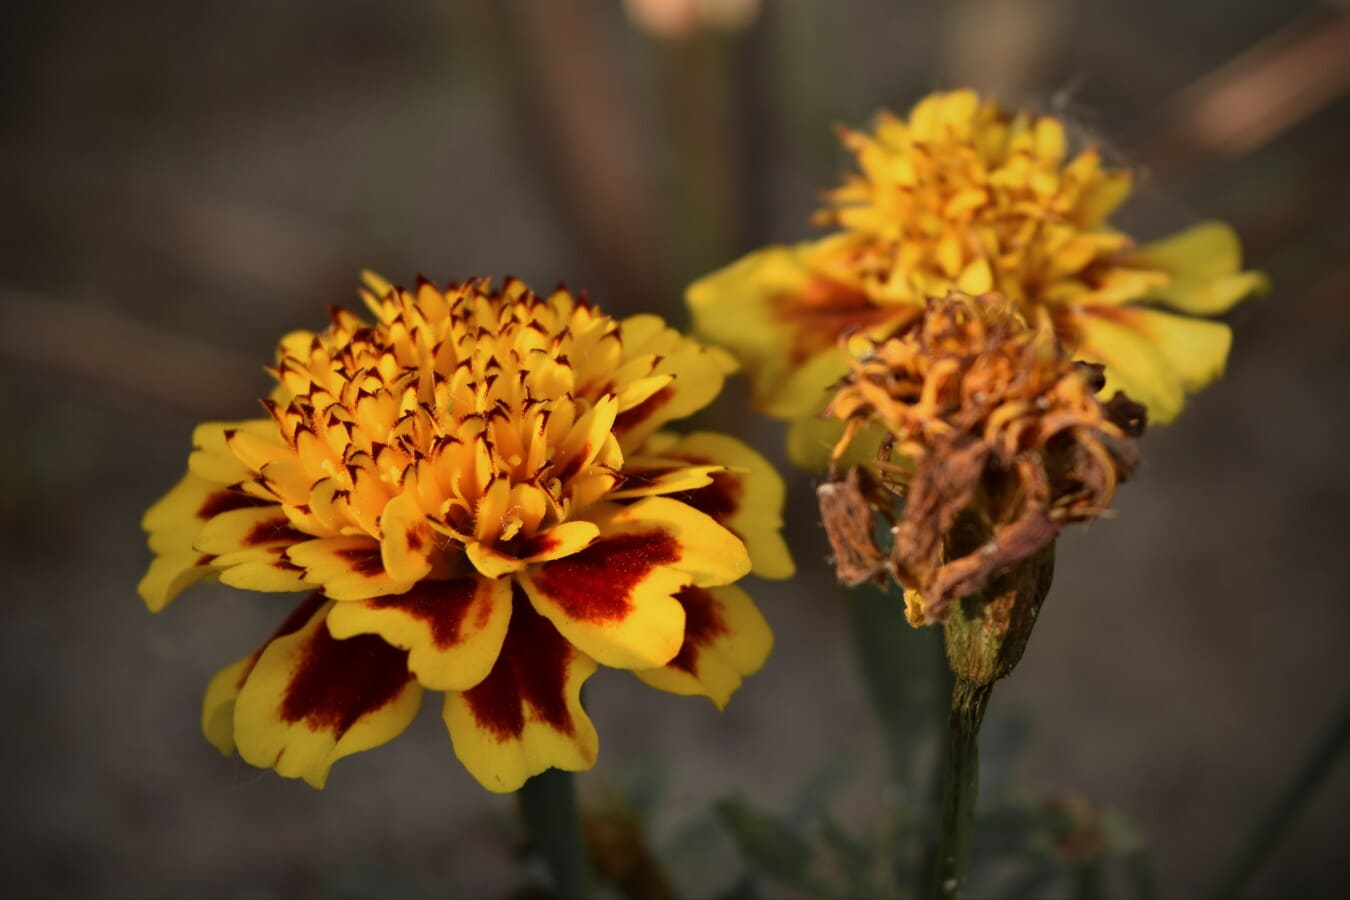 оранжево жълт, Карамфил, цвете, градина, диви цветя, природата, жълто, цвят, билка, растителна